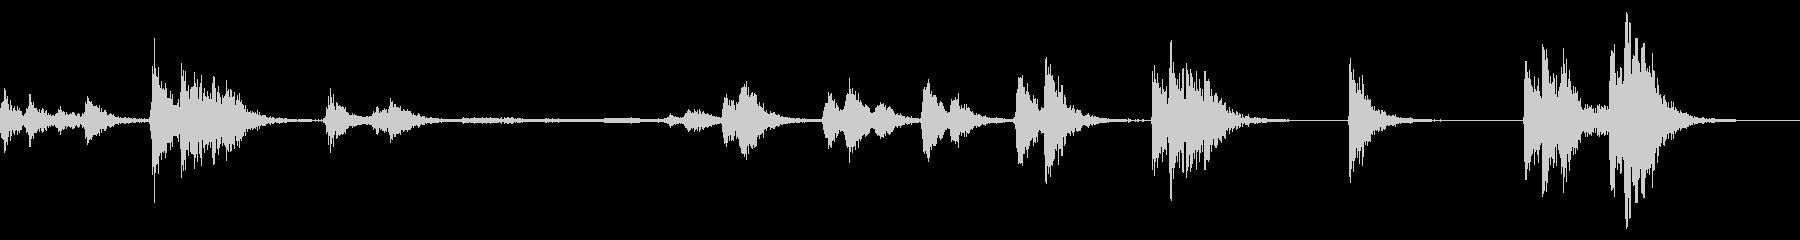 PAシステムマイク:スクレイプとヒ...の未再生の波形